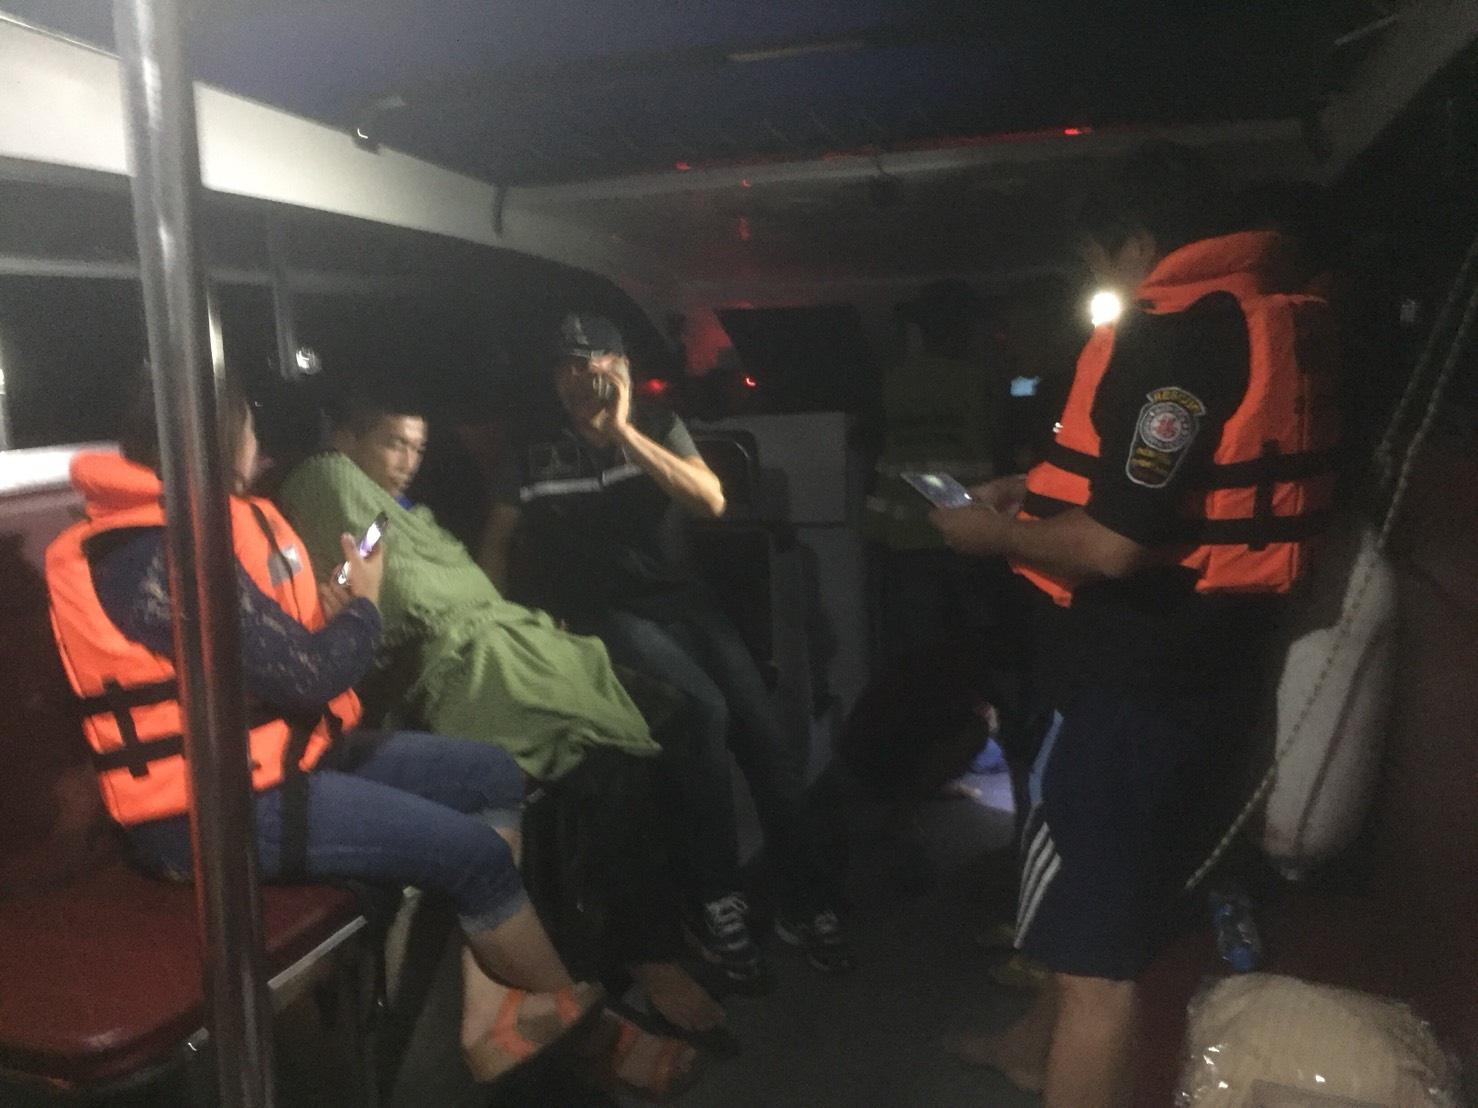 พบหนุ่มนาวิกโยธินกระโดดเรือเฟอร์รี่แล้วโชคดีเรือประมงช่วยชีวิต